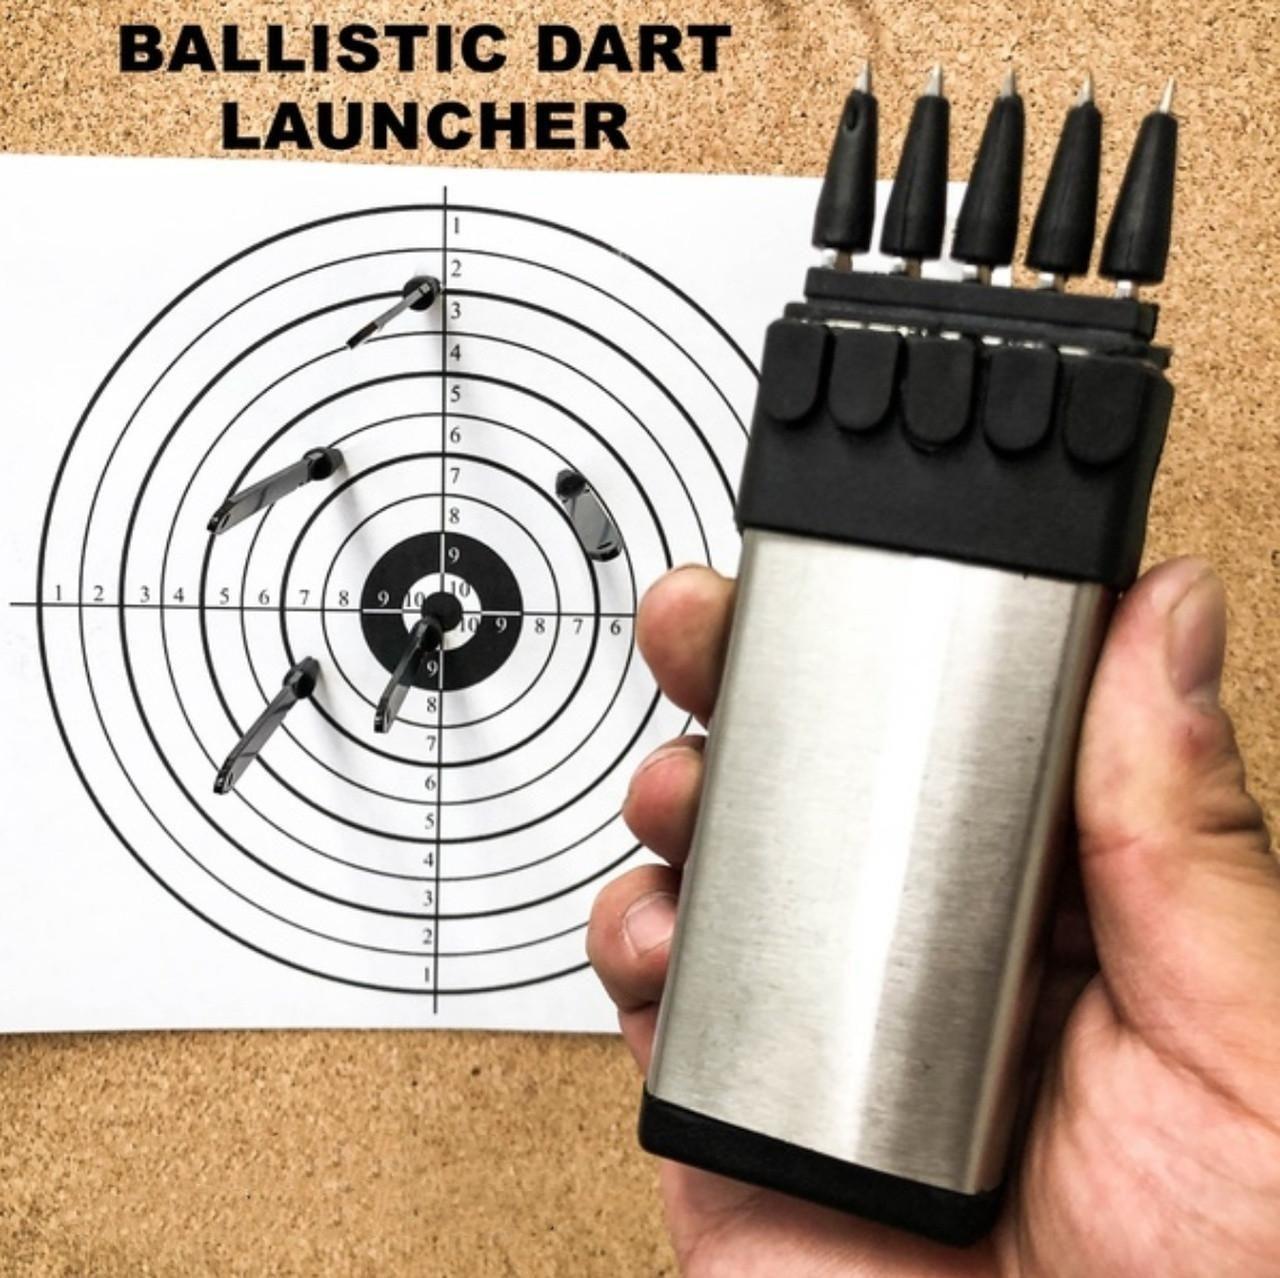 Дарт Стрельба баллистических Дротики Launcher ножи, Открытый кемпинга Выживание Самооборона охоты Инструмент для взрослых Подарки Игрушки